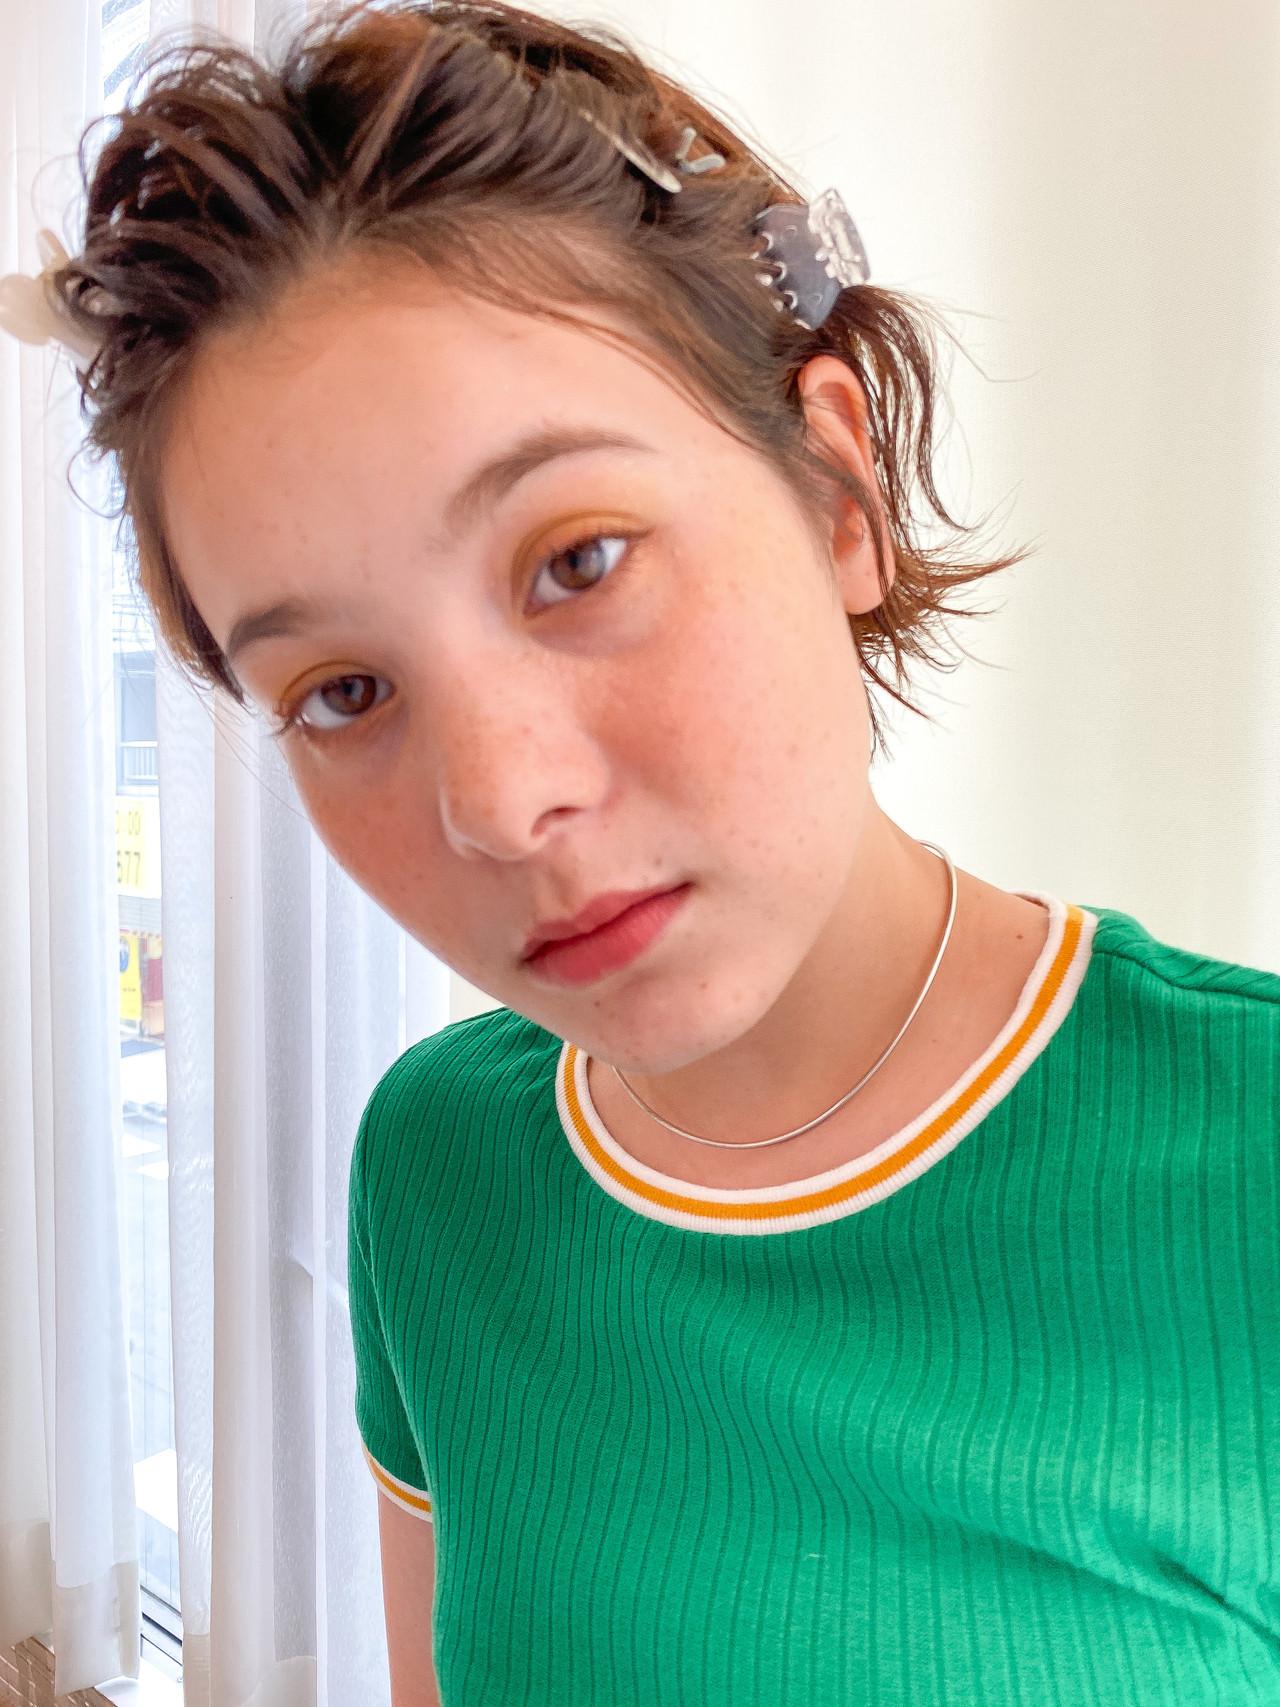 無造作パーマ ヘアクリップ ショート 前髪アレンジ ヘアスタイルや髪型の写真・画像